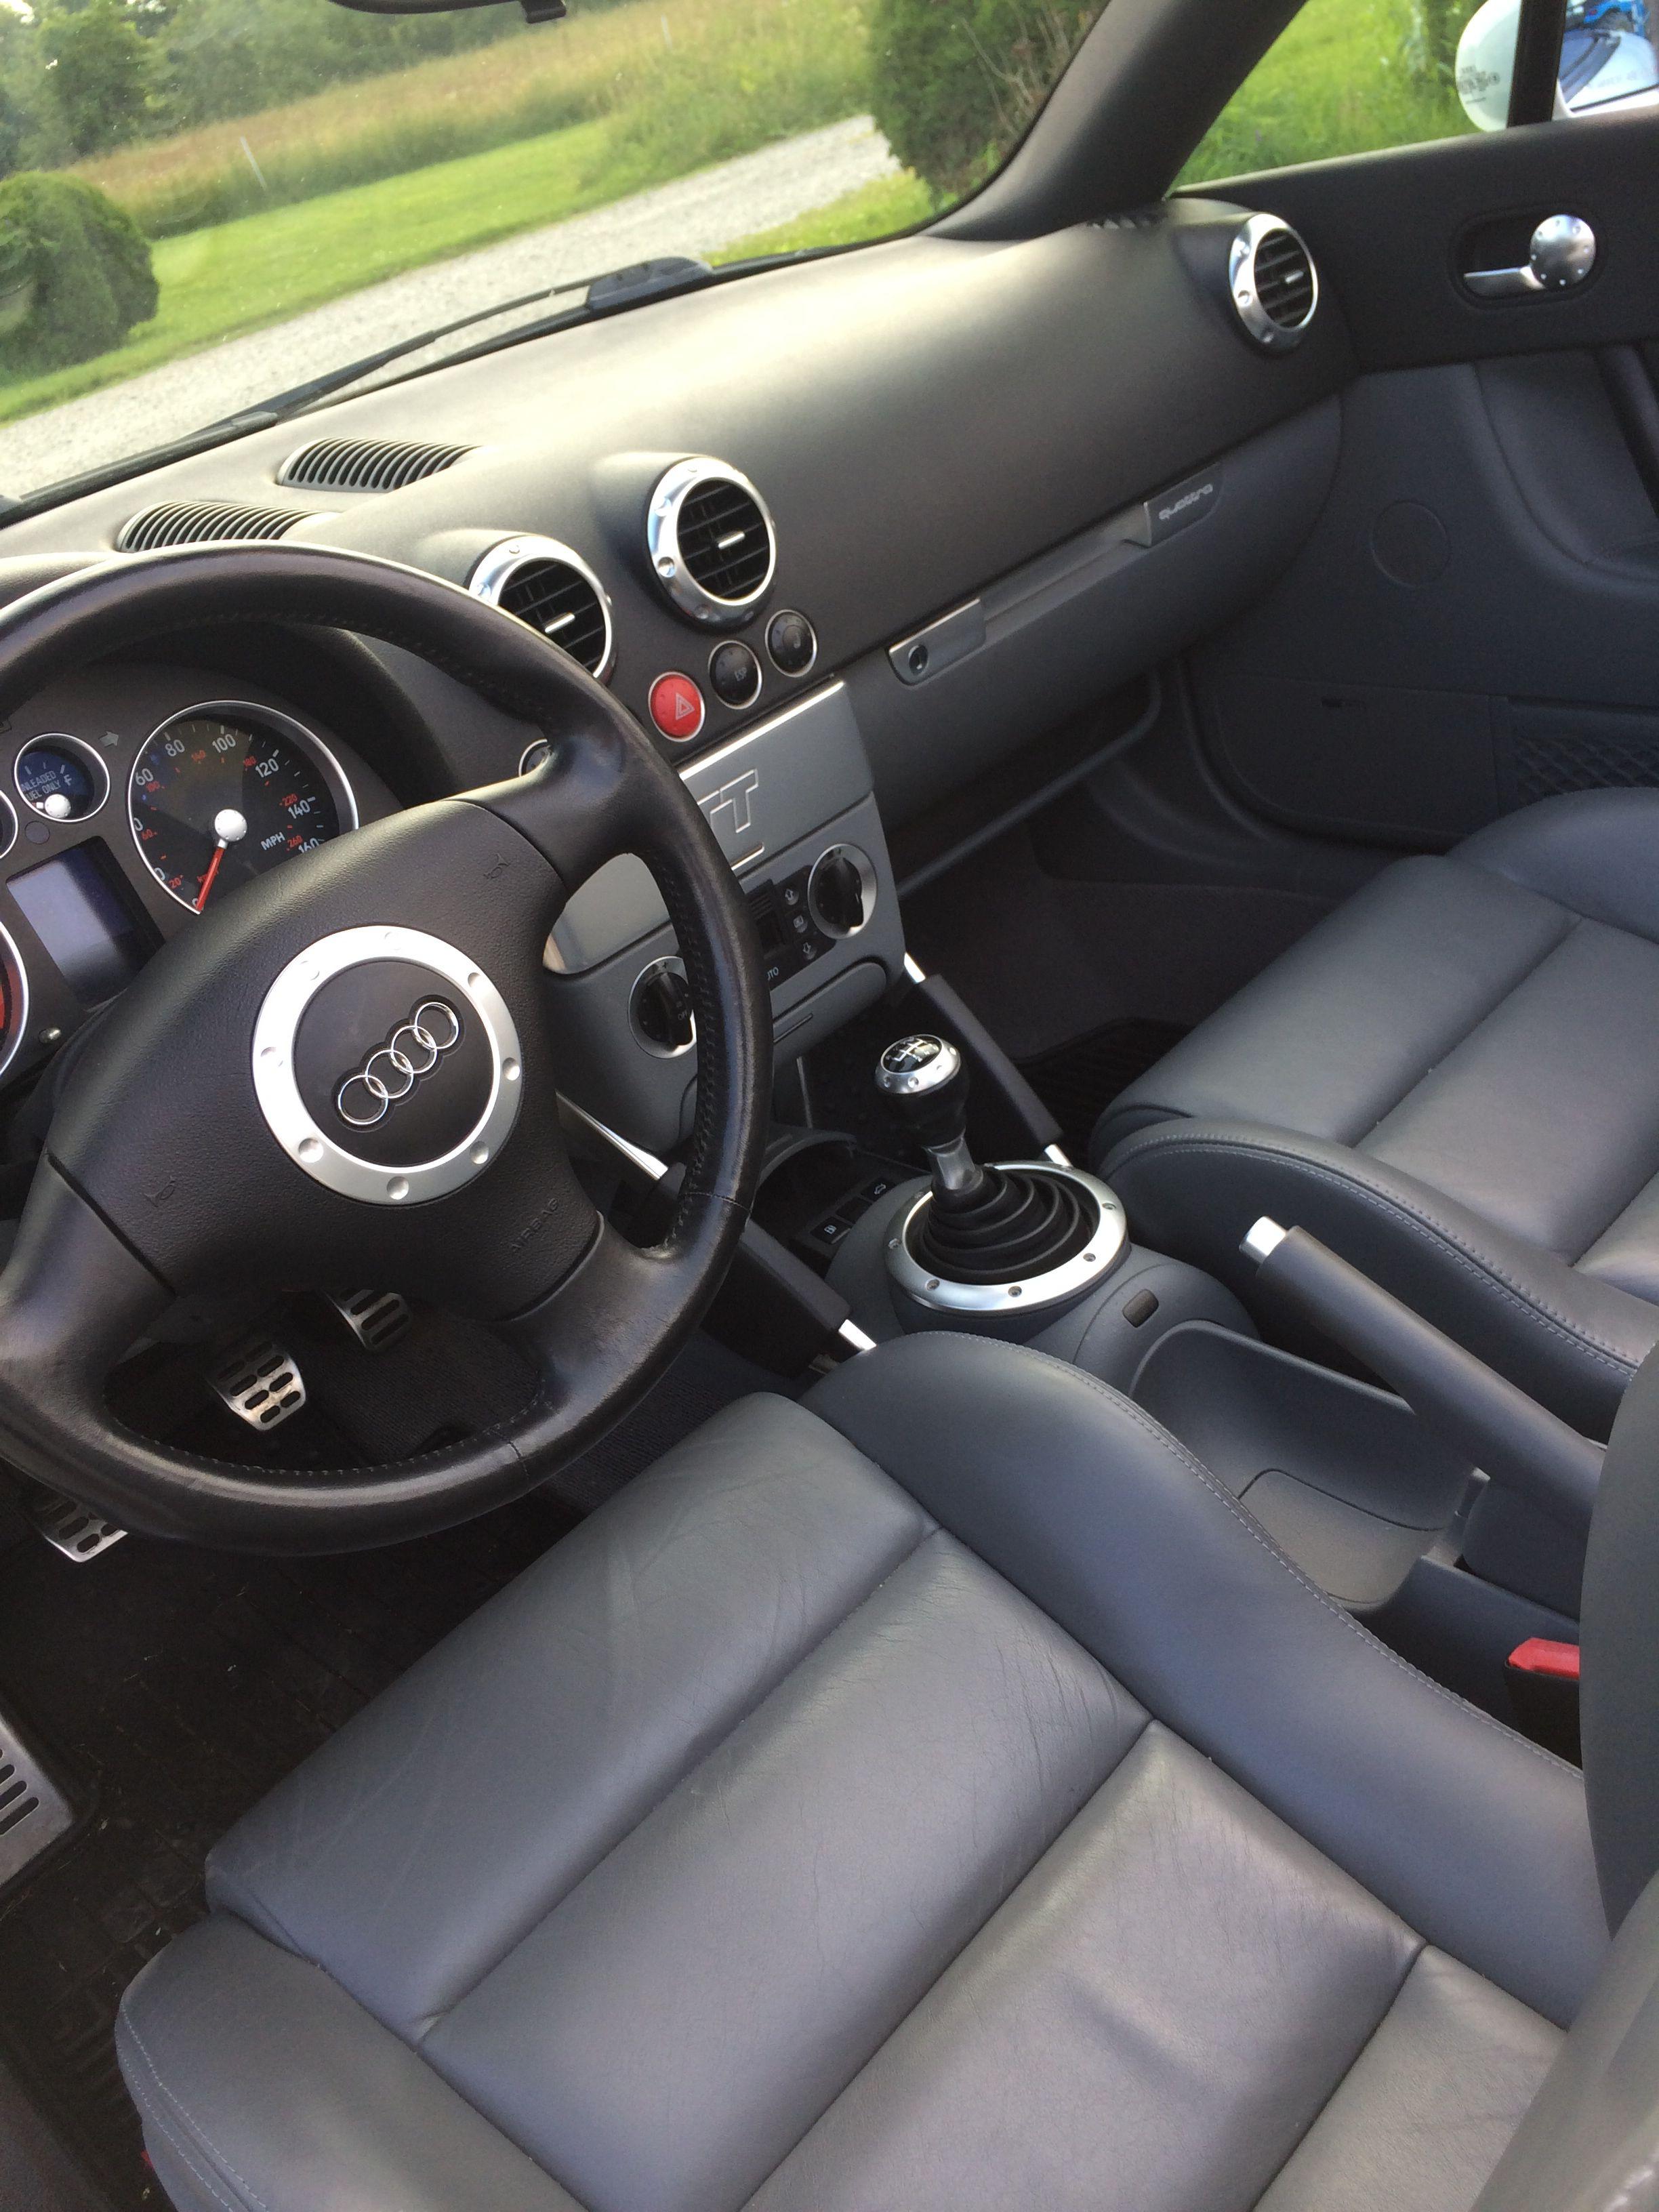 Audi Tt Interior Mk1 - Year of Clean Water